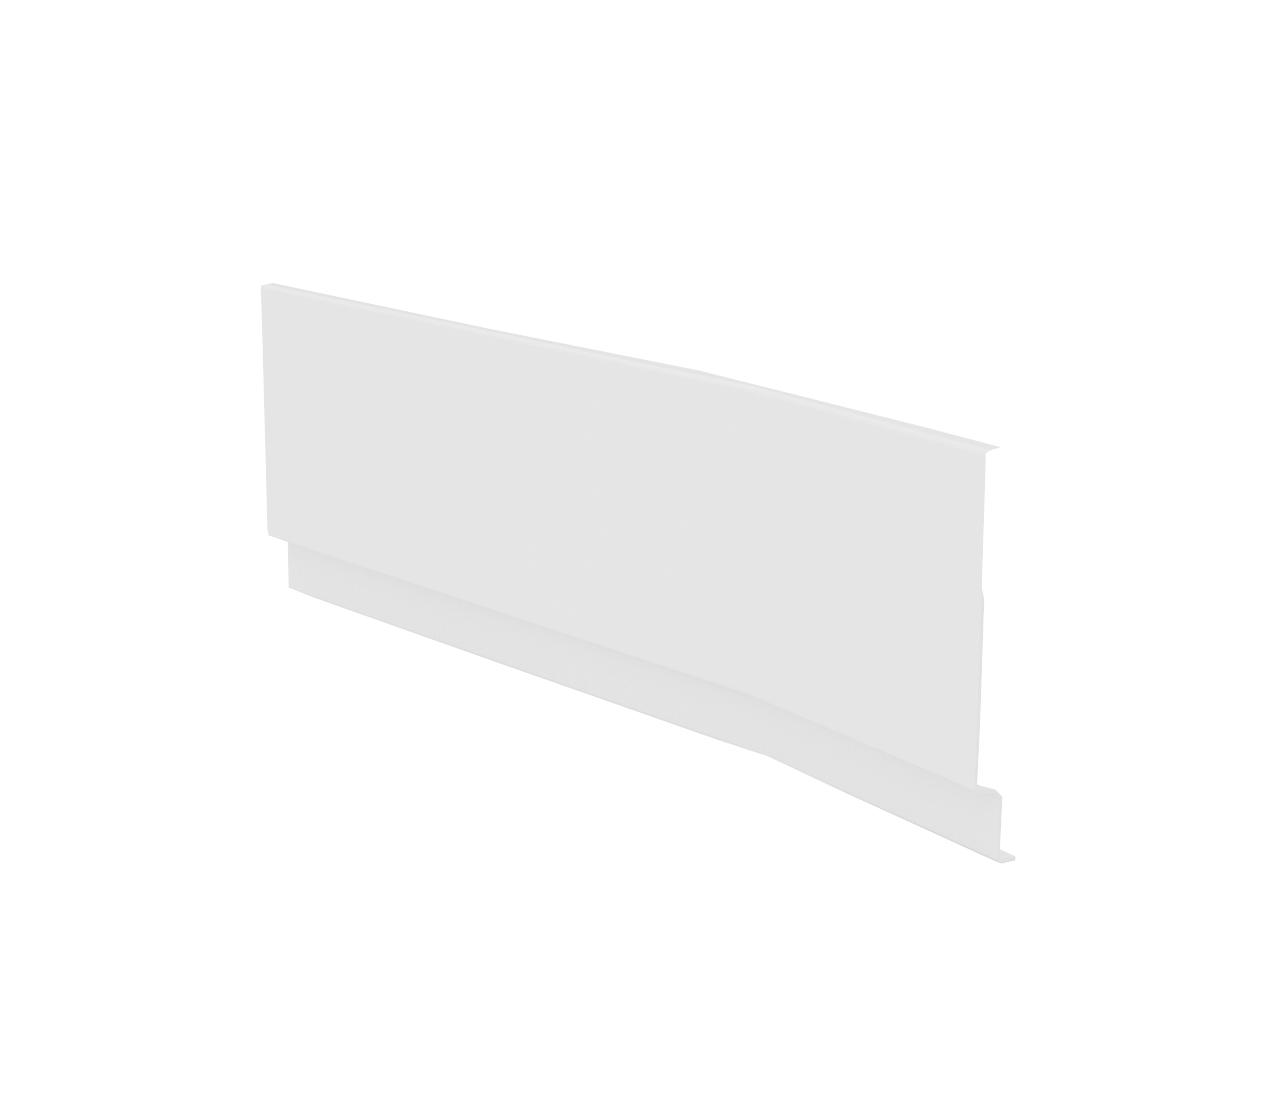 Передняя панель для ванны Ravak BE HAPPY II 160 белая левая, CZ96100A00 фото